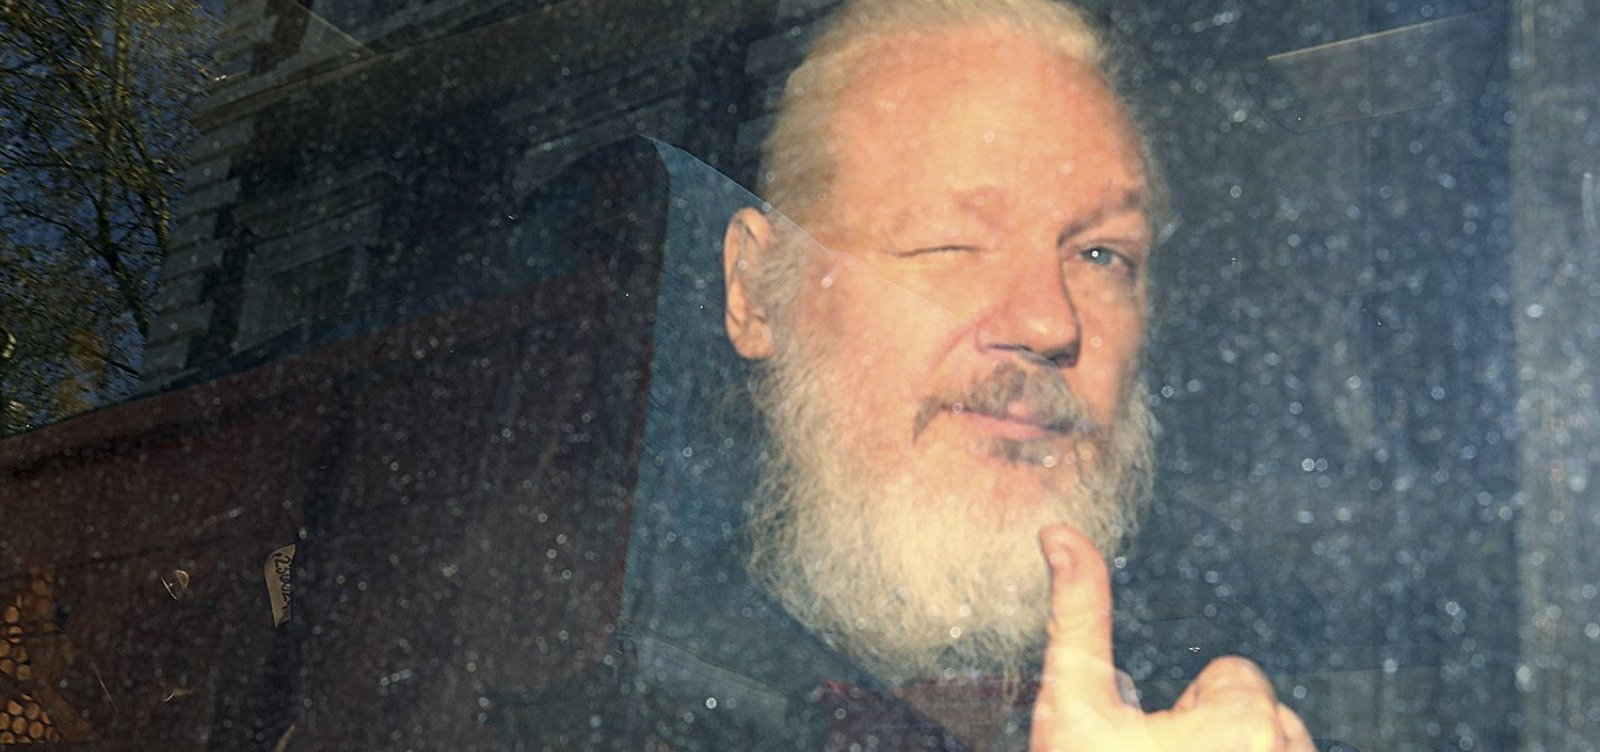 [Justiça sueca reabre investigação contra Assange sobre acusação de estupro]